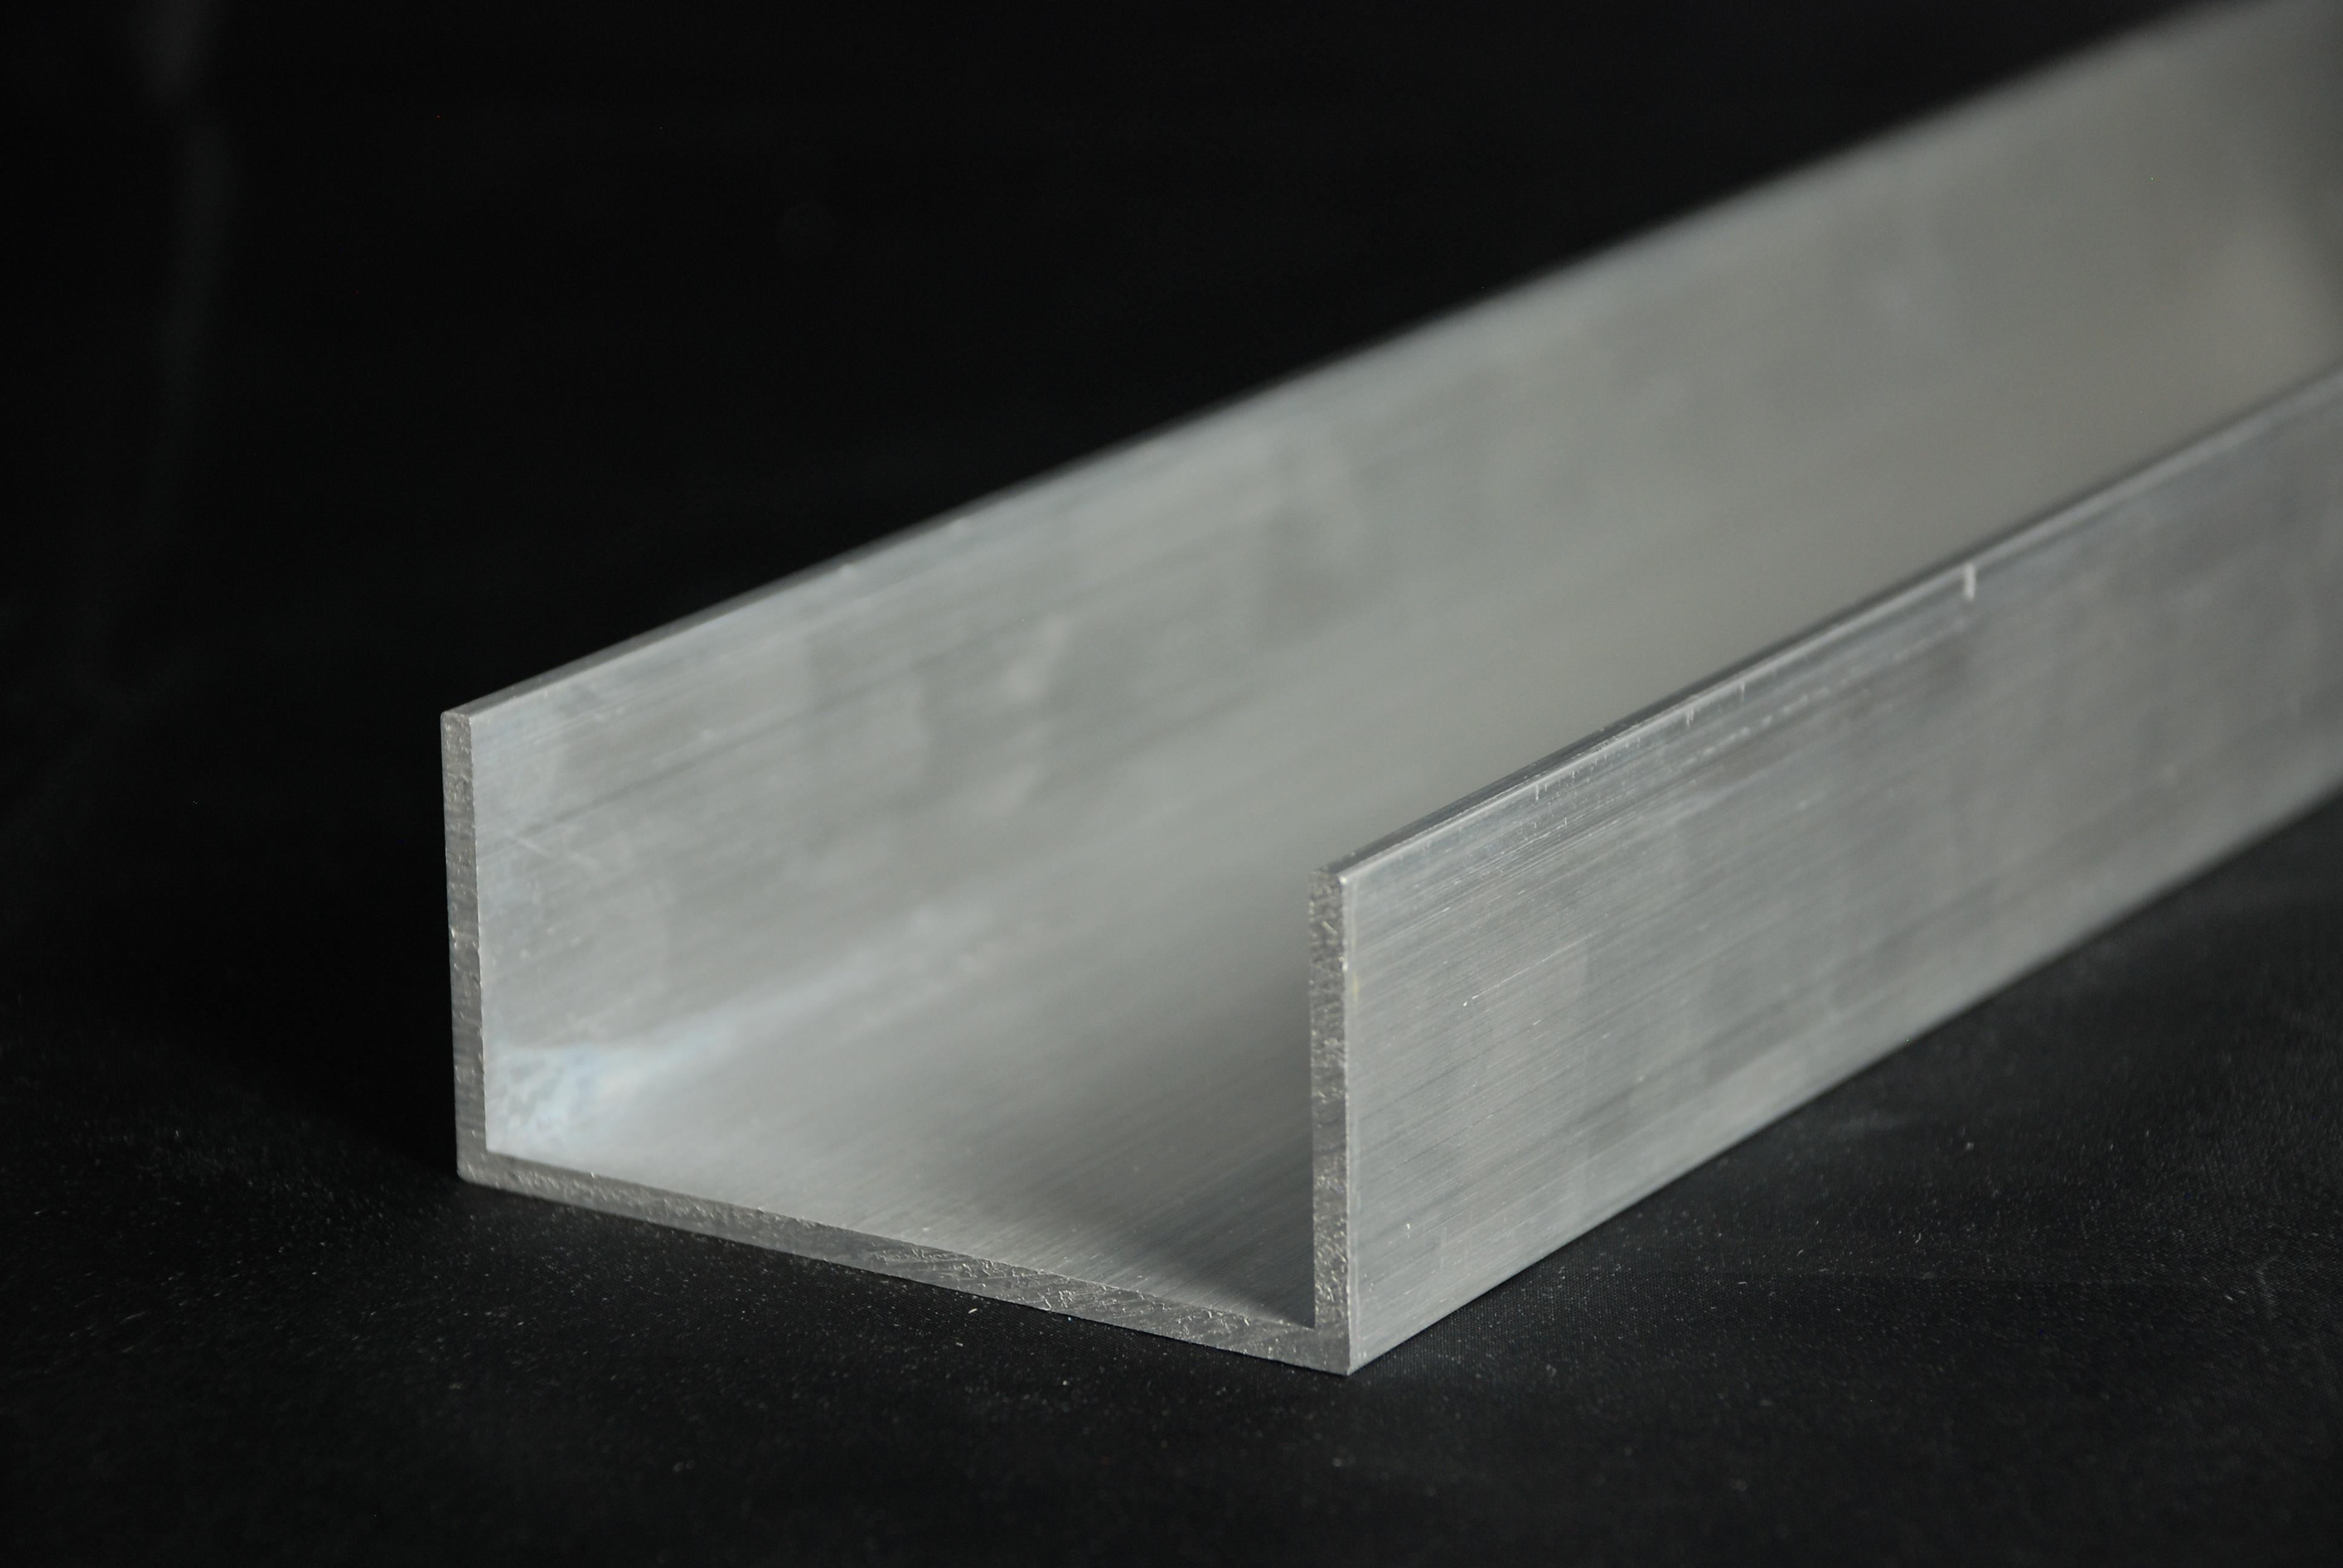 Sehr IBL Metallhandel & Logistik   Aluminium-U-Profil AlMgSi0,5 F22 IG93